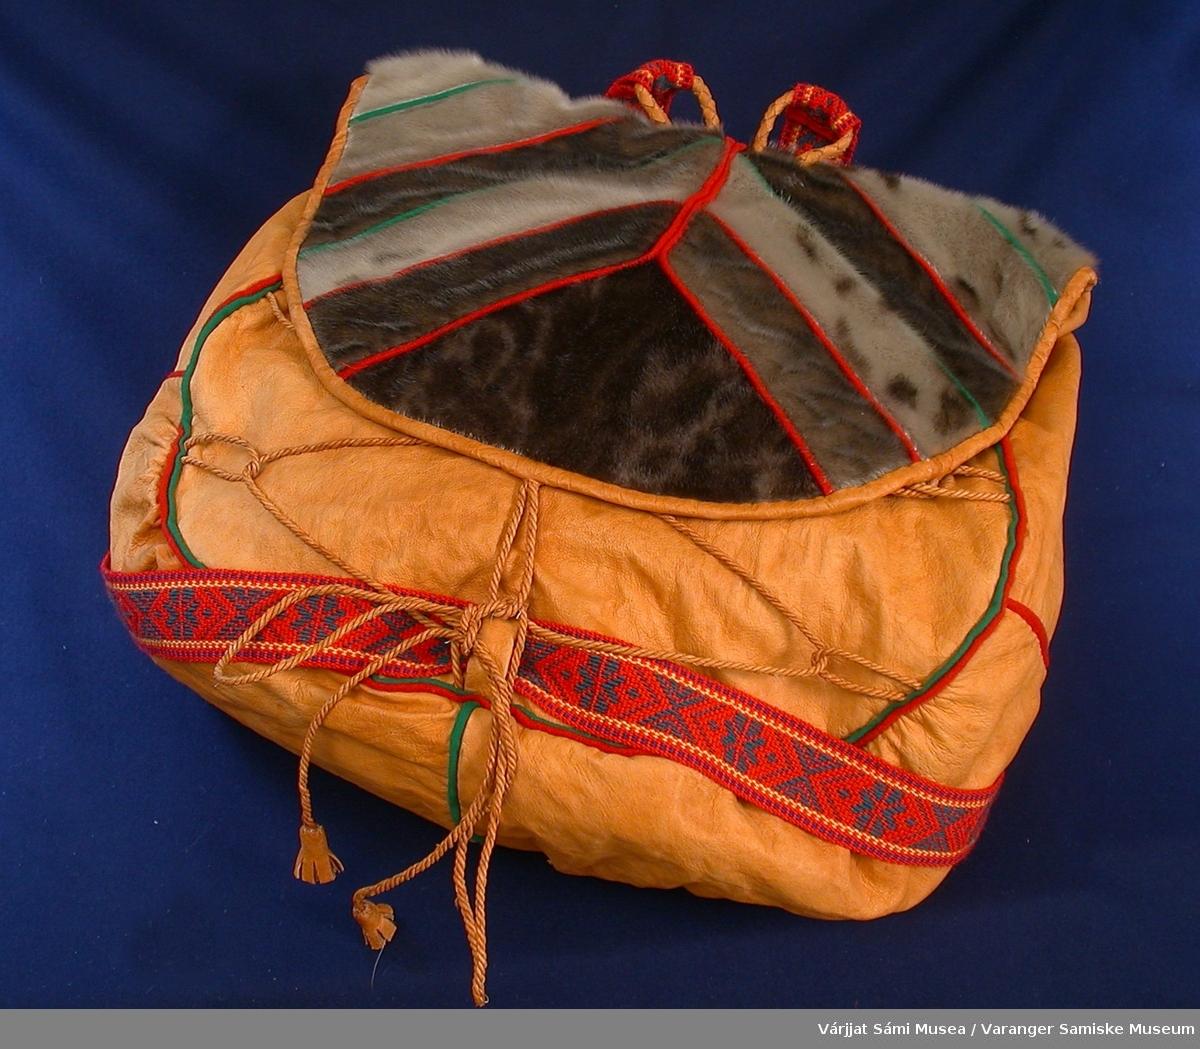 Ryggsekk av glatt reinskinn, selskinn m/hår, klede og ullbånd. Hovedrommet er sydd av reinskinn, alle sømmer er kantet med kelde i rødt og/eller grønt. Lokker er sydd av selskinnsstykker der sømmene er kantet med rød og grønn klede. Sekken har hemper og snorer av tvunnet reinskinn med dusk i hver ende. Sekken skal bæres ved hjelp av et vevd ullbelte i rødt, grønt og gult, vevd av Katrine T. Nilsen.